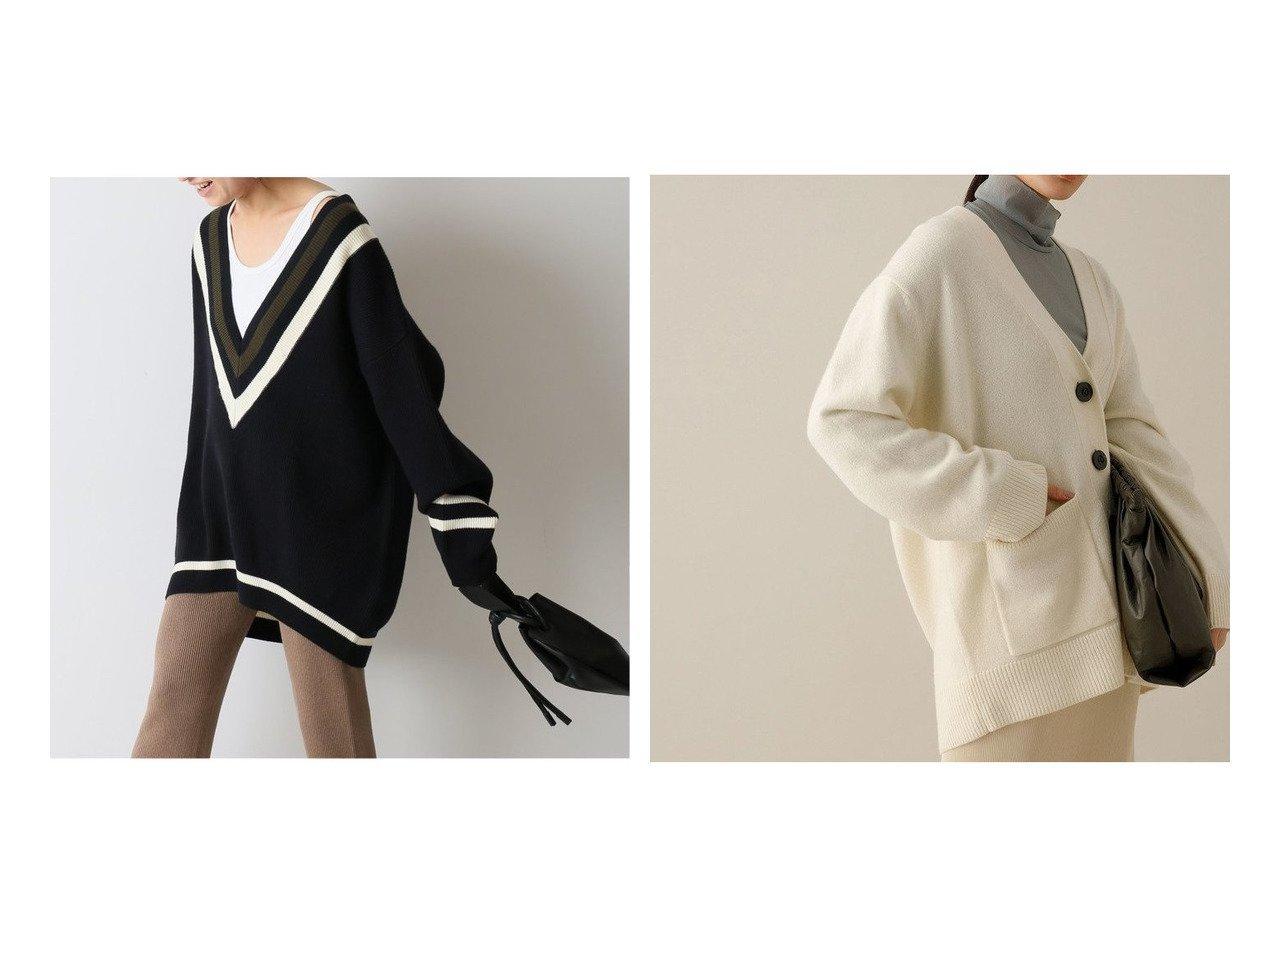 【FRAMeWORK/フレームワーク】のオーバーサイズチルデン&【Adam et Rope/アダム エ ロペ】のカシミヤ混オーバーカーディガン トップス・カットソーのおすすめ!人気、レディースファッションの通販 おすすめで人気のファッション通販商品 インテリア・家具・キッズファッション・メンズファッション・レディースファッション・服の通販 founy(ファニー) https://founy.com/ ファッション Fashion レディース WOMEN トップス Tops Tshirt ニット Knit Tops カーディガン Cardigans 秋冬 A/W Autumn/ Winter カットソー セーター カシミヤ カーディガン ネックレス フロント ベーシック ボックス ポケット ルーズ |ID:crp329100000001991